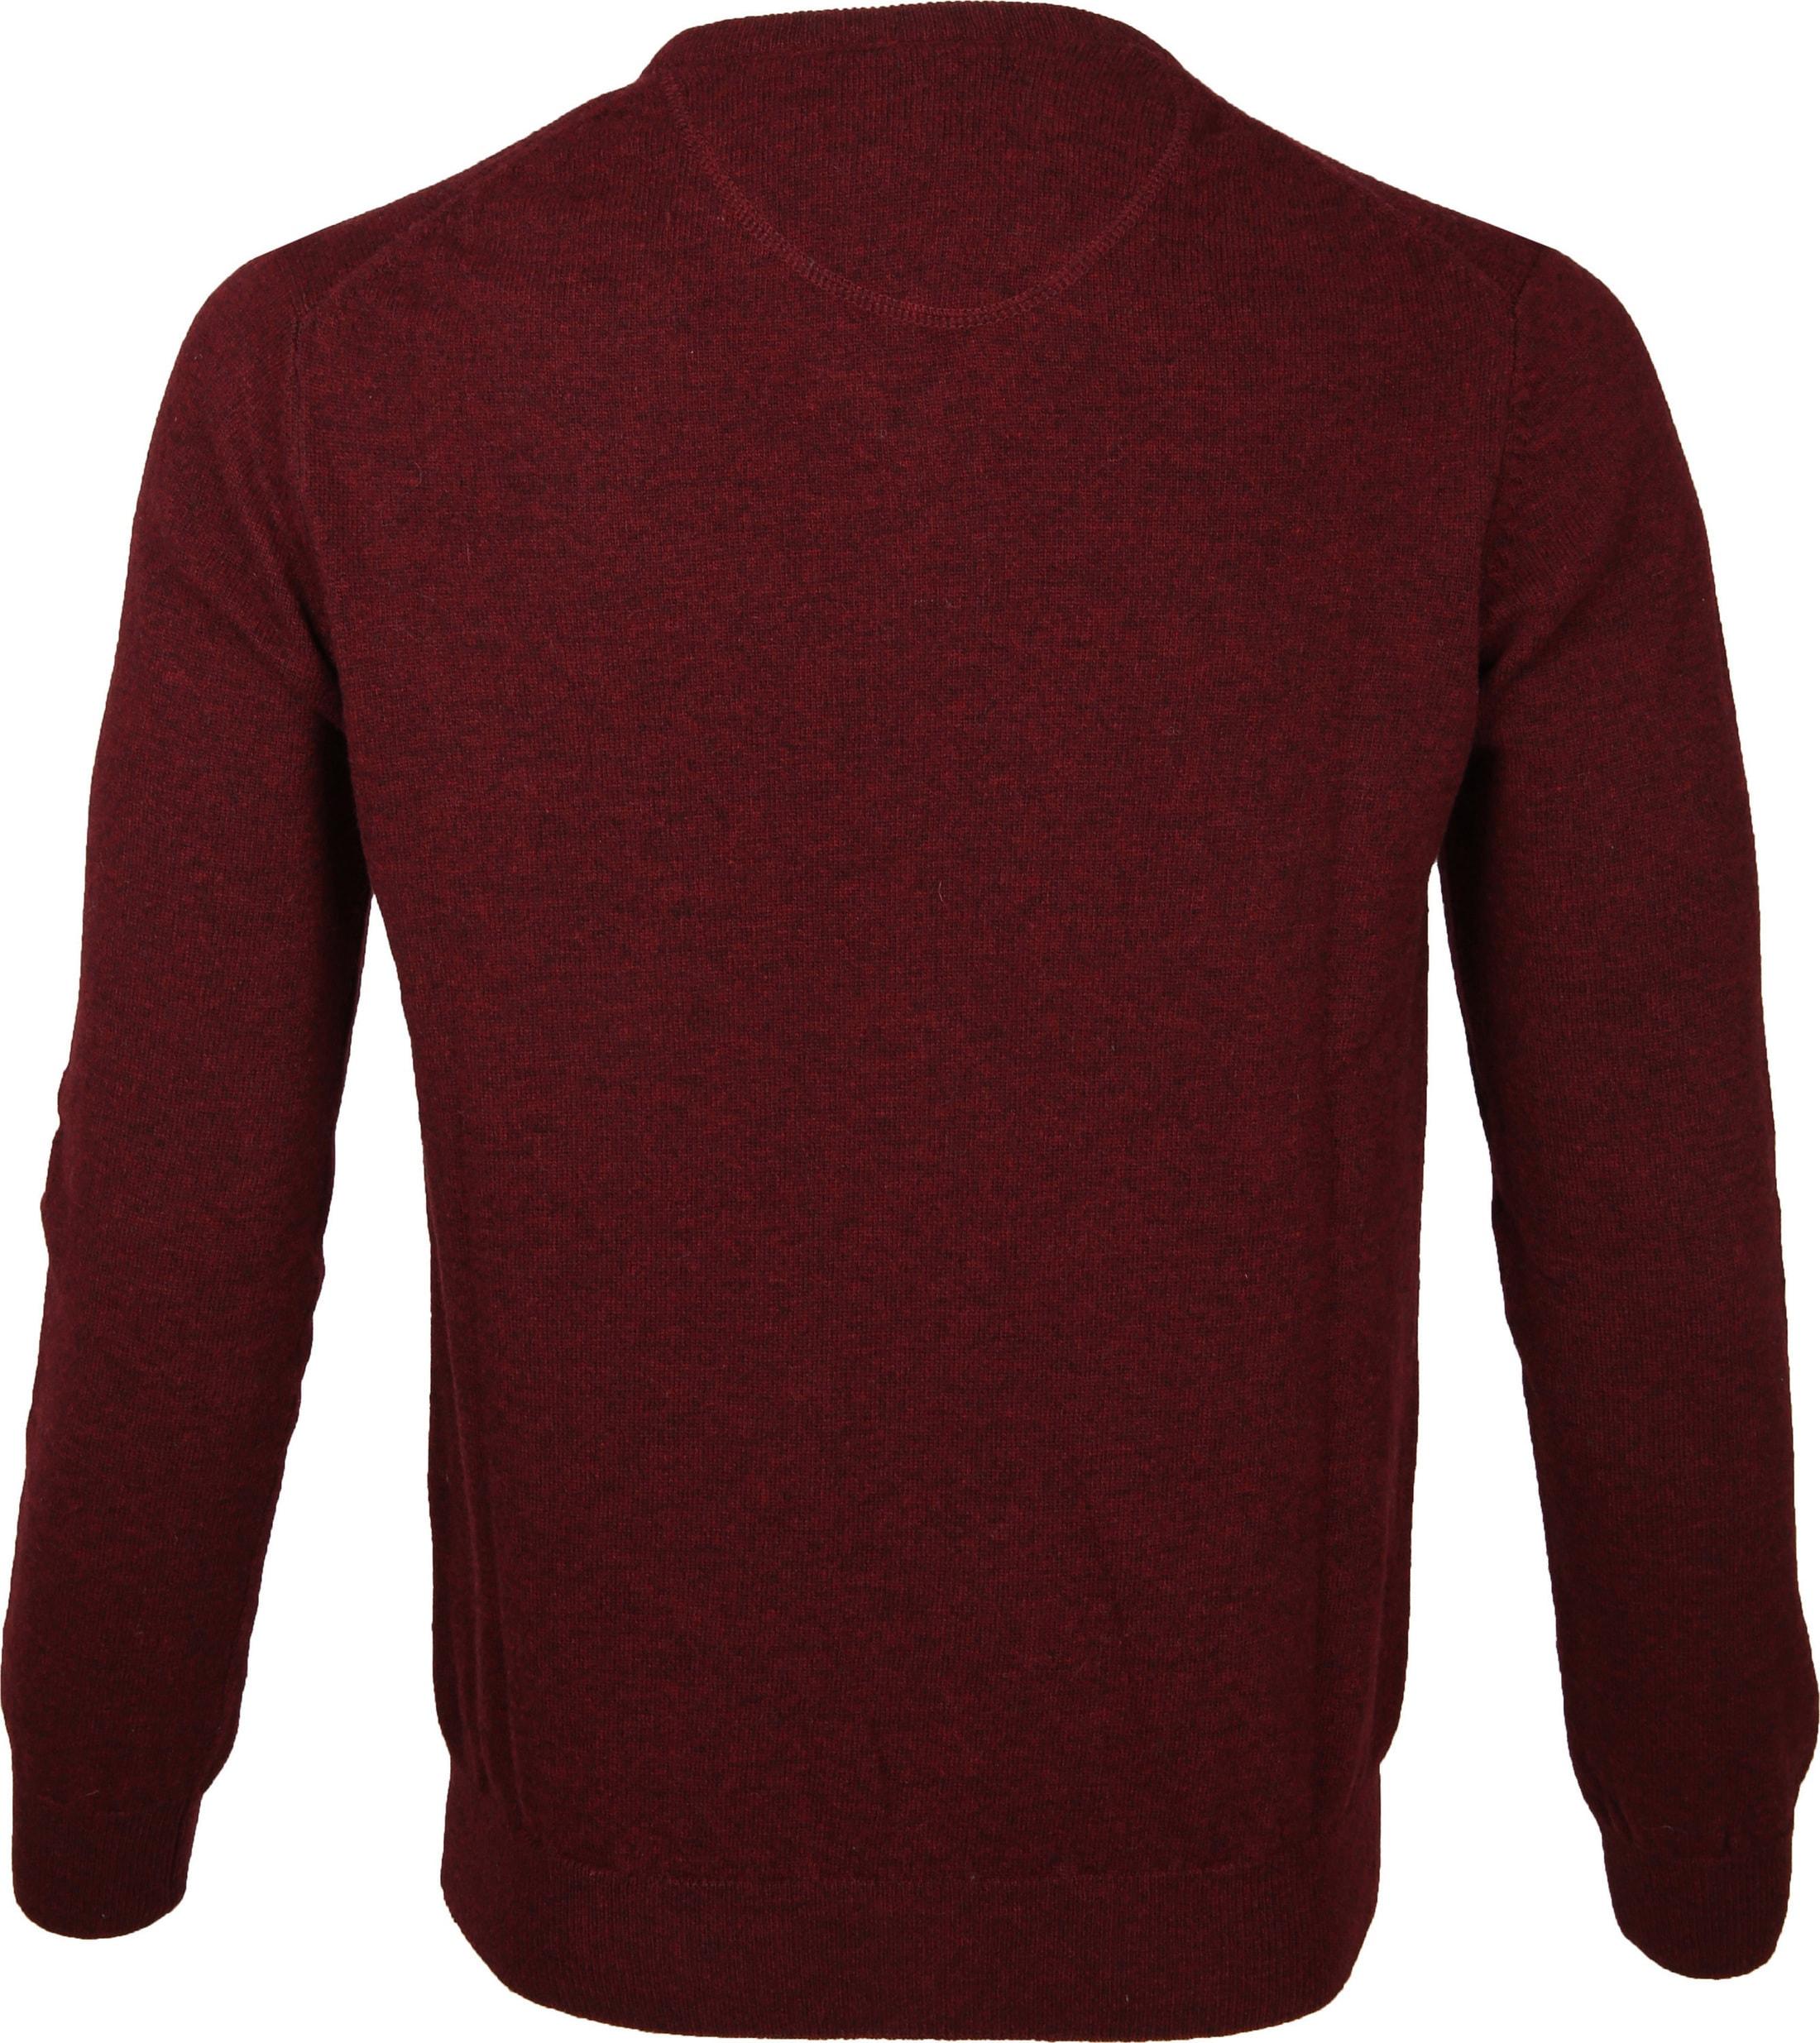 Suitable Pullover Lammwolle V-Ausschnitt Bordeaux foto 2